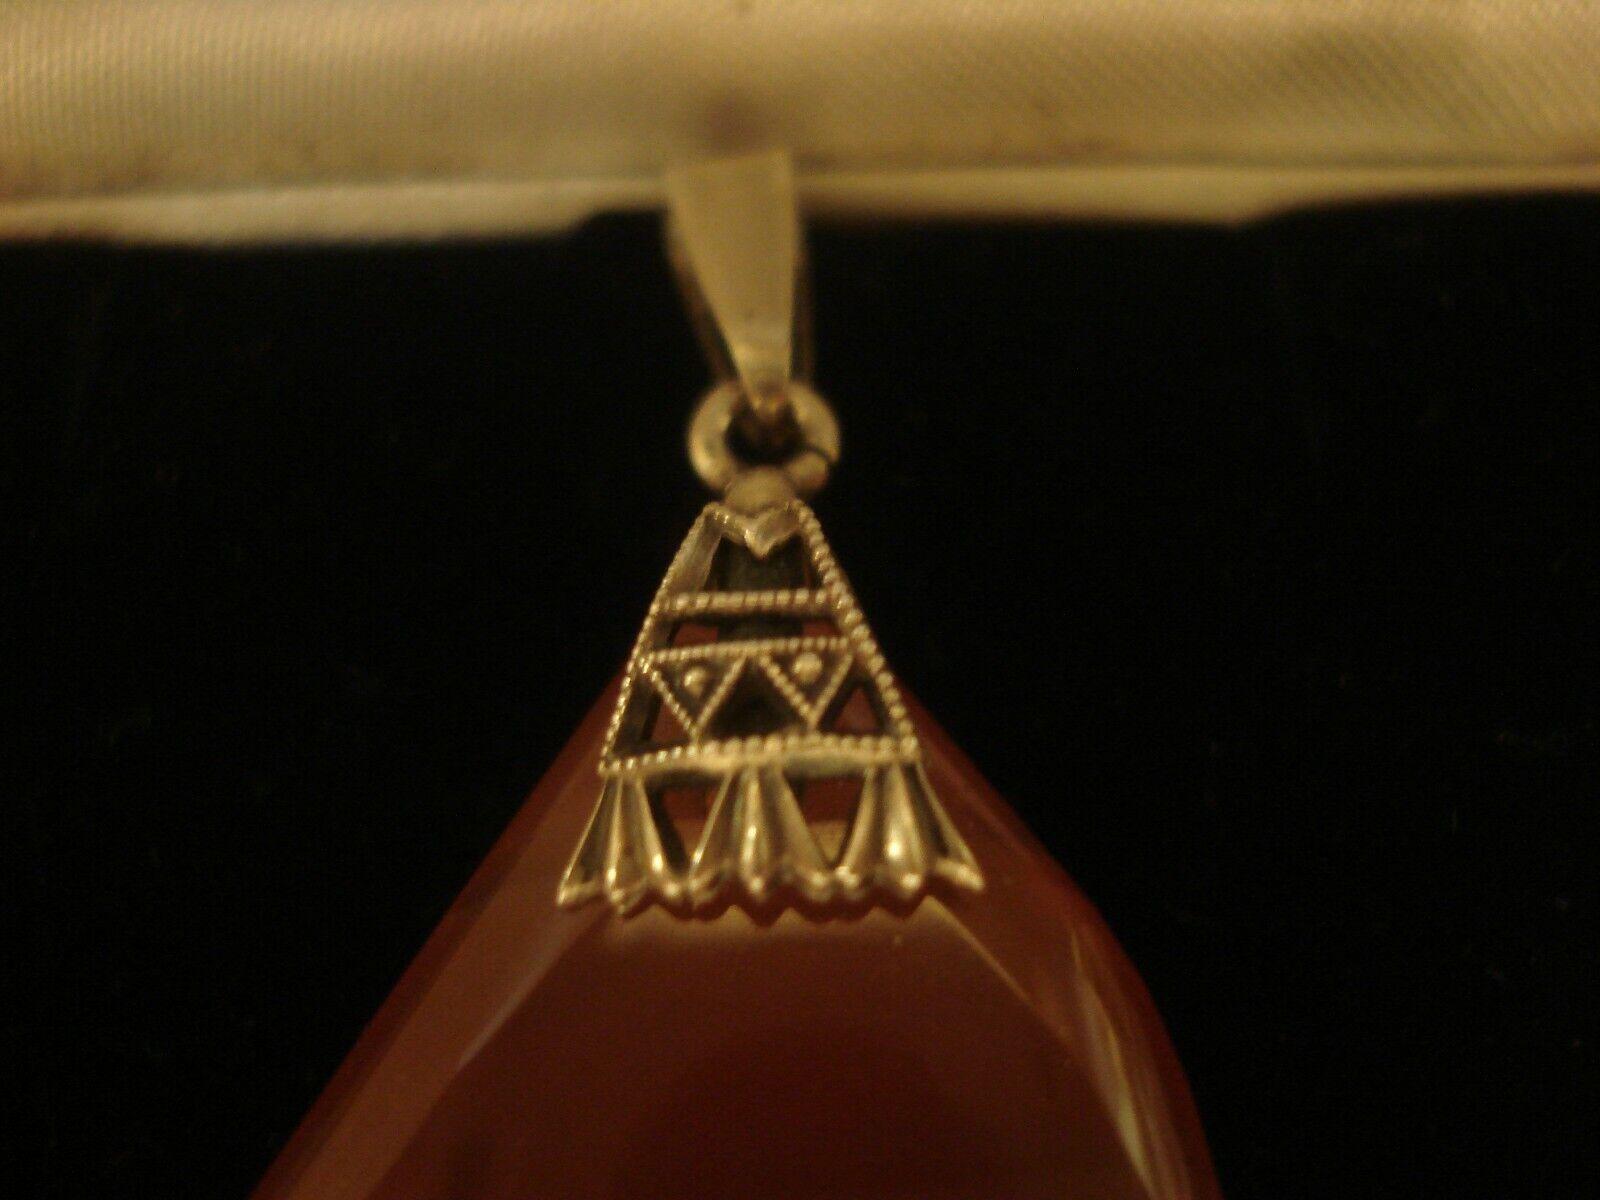 BELLISSIMO finemente realizzato realizzato realizzato a mano ANTICO ART DECO  CORNIOLA gemma ciondolo argentoo sterling 655aed